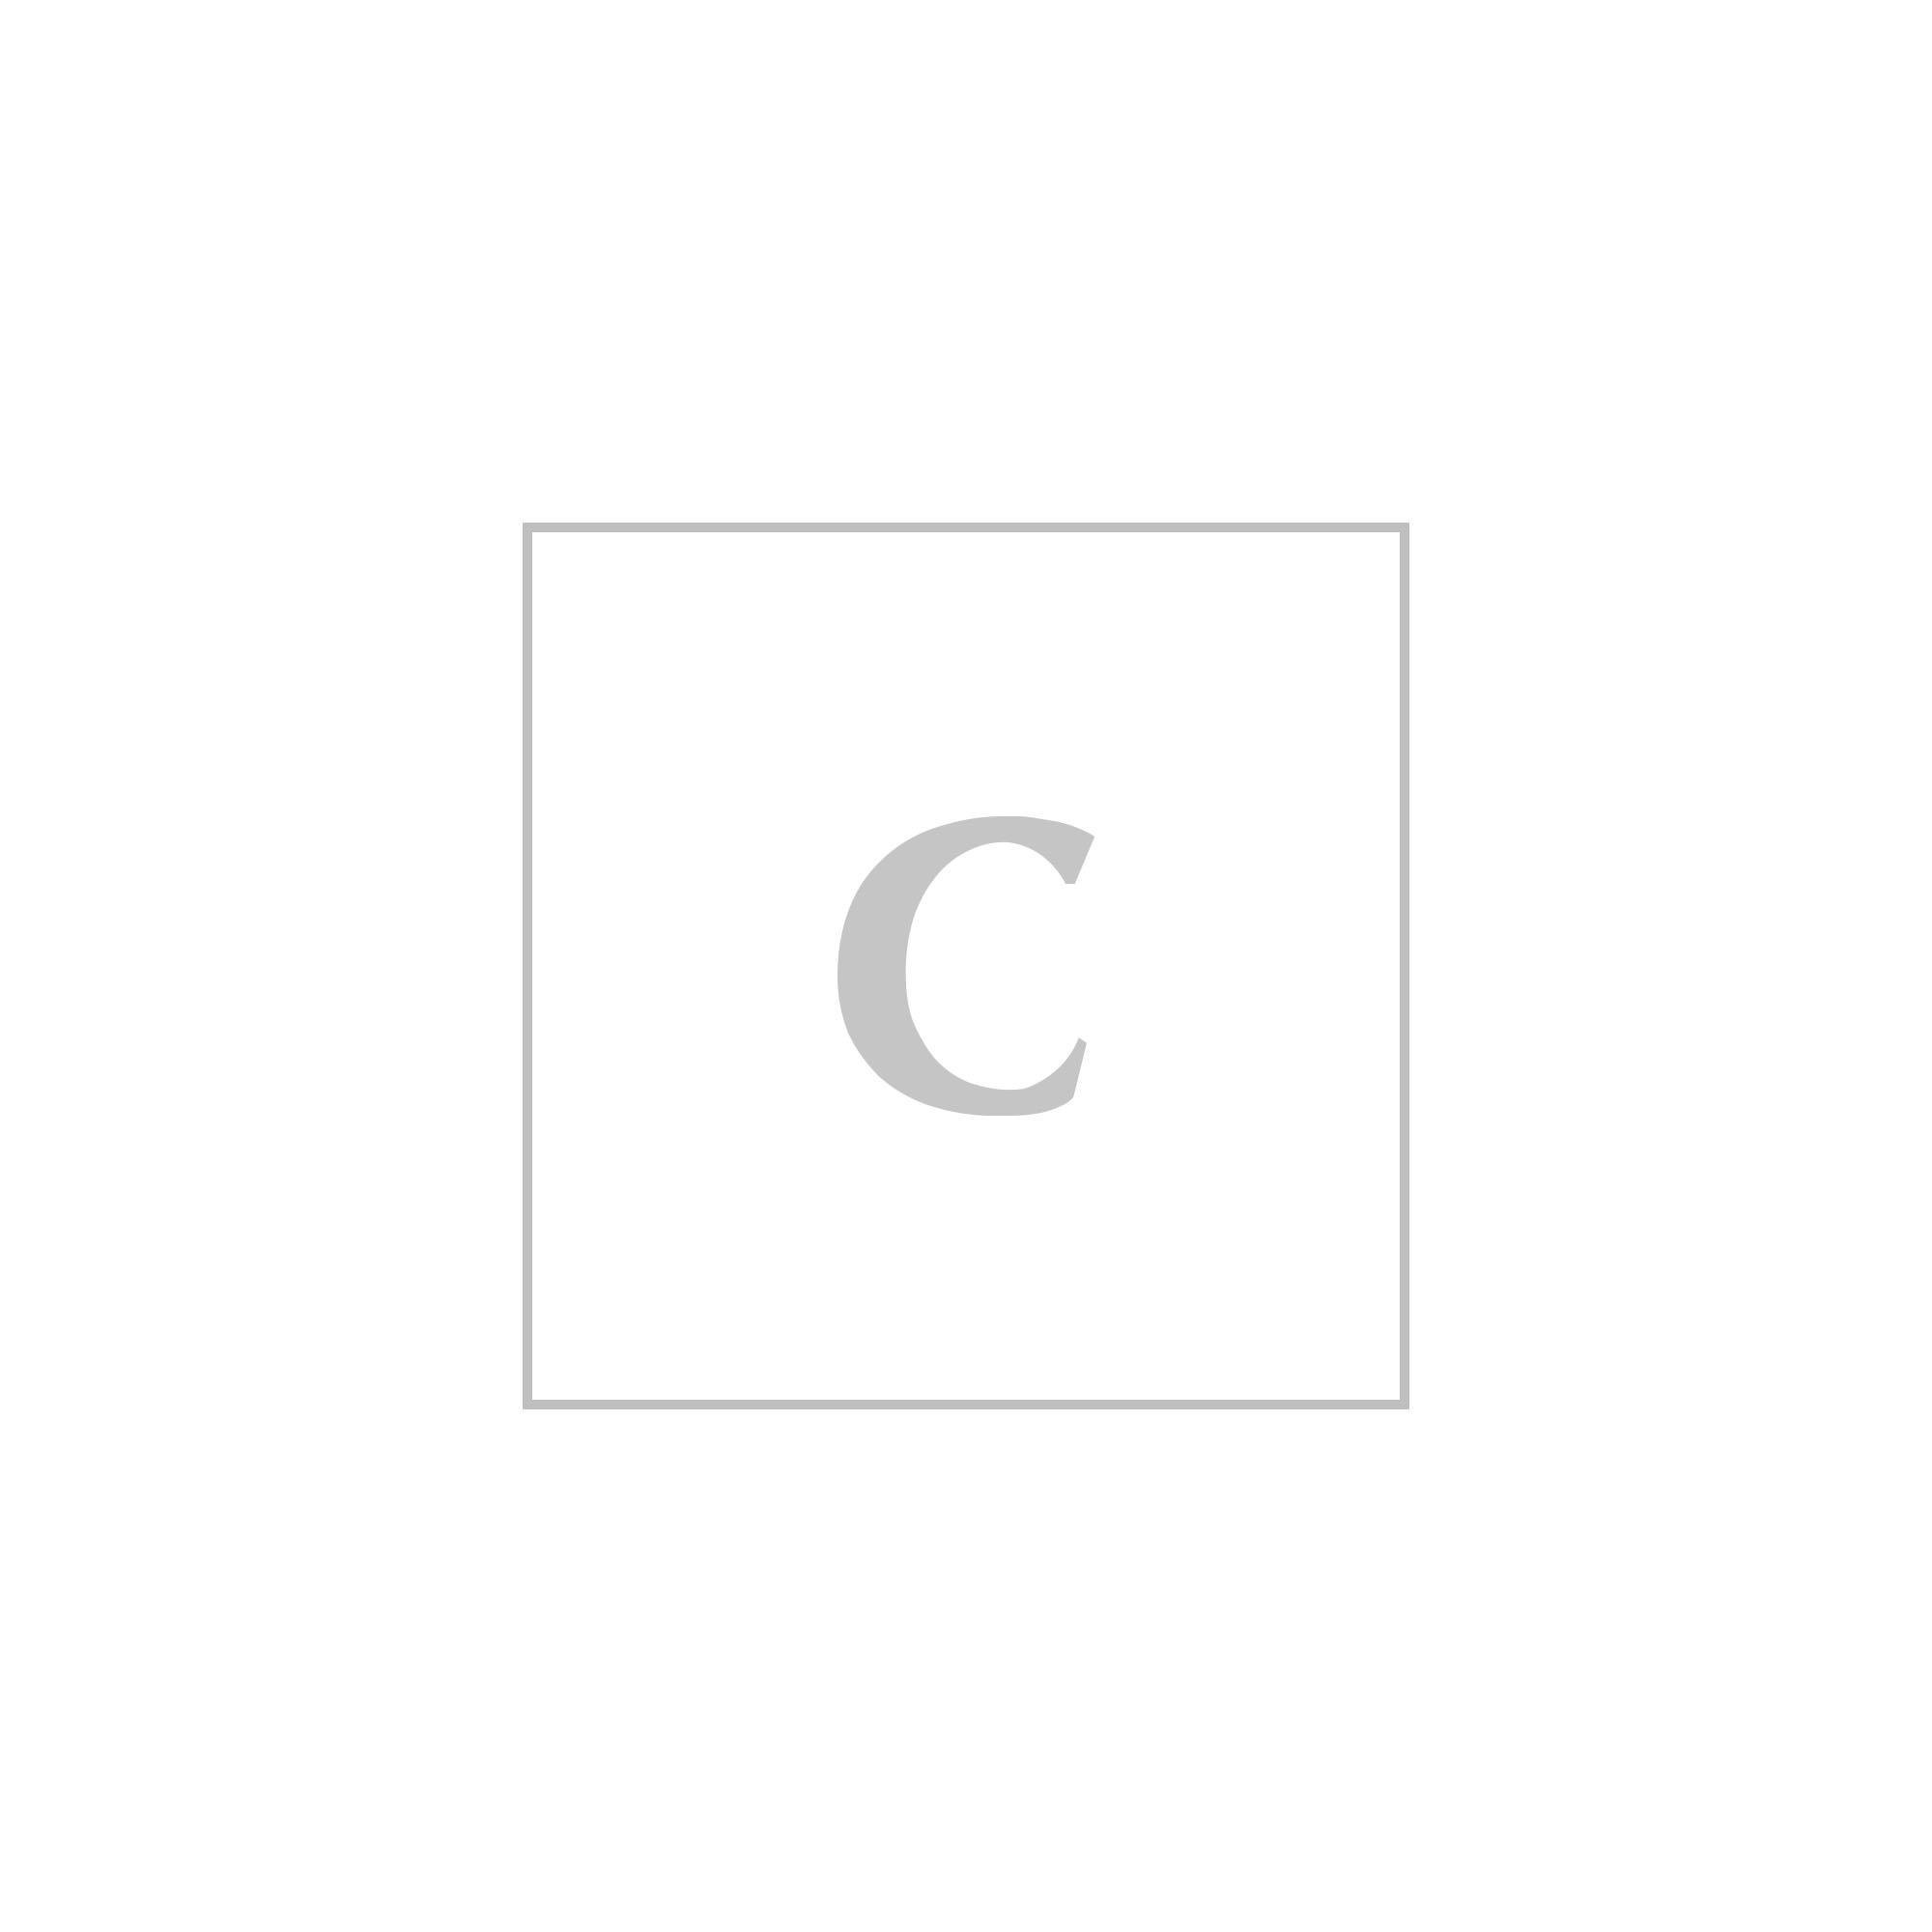 Saint laurent ysl borsa monogram grain de poudre